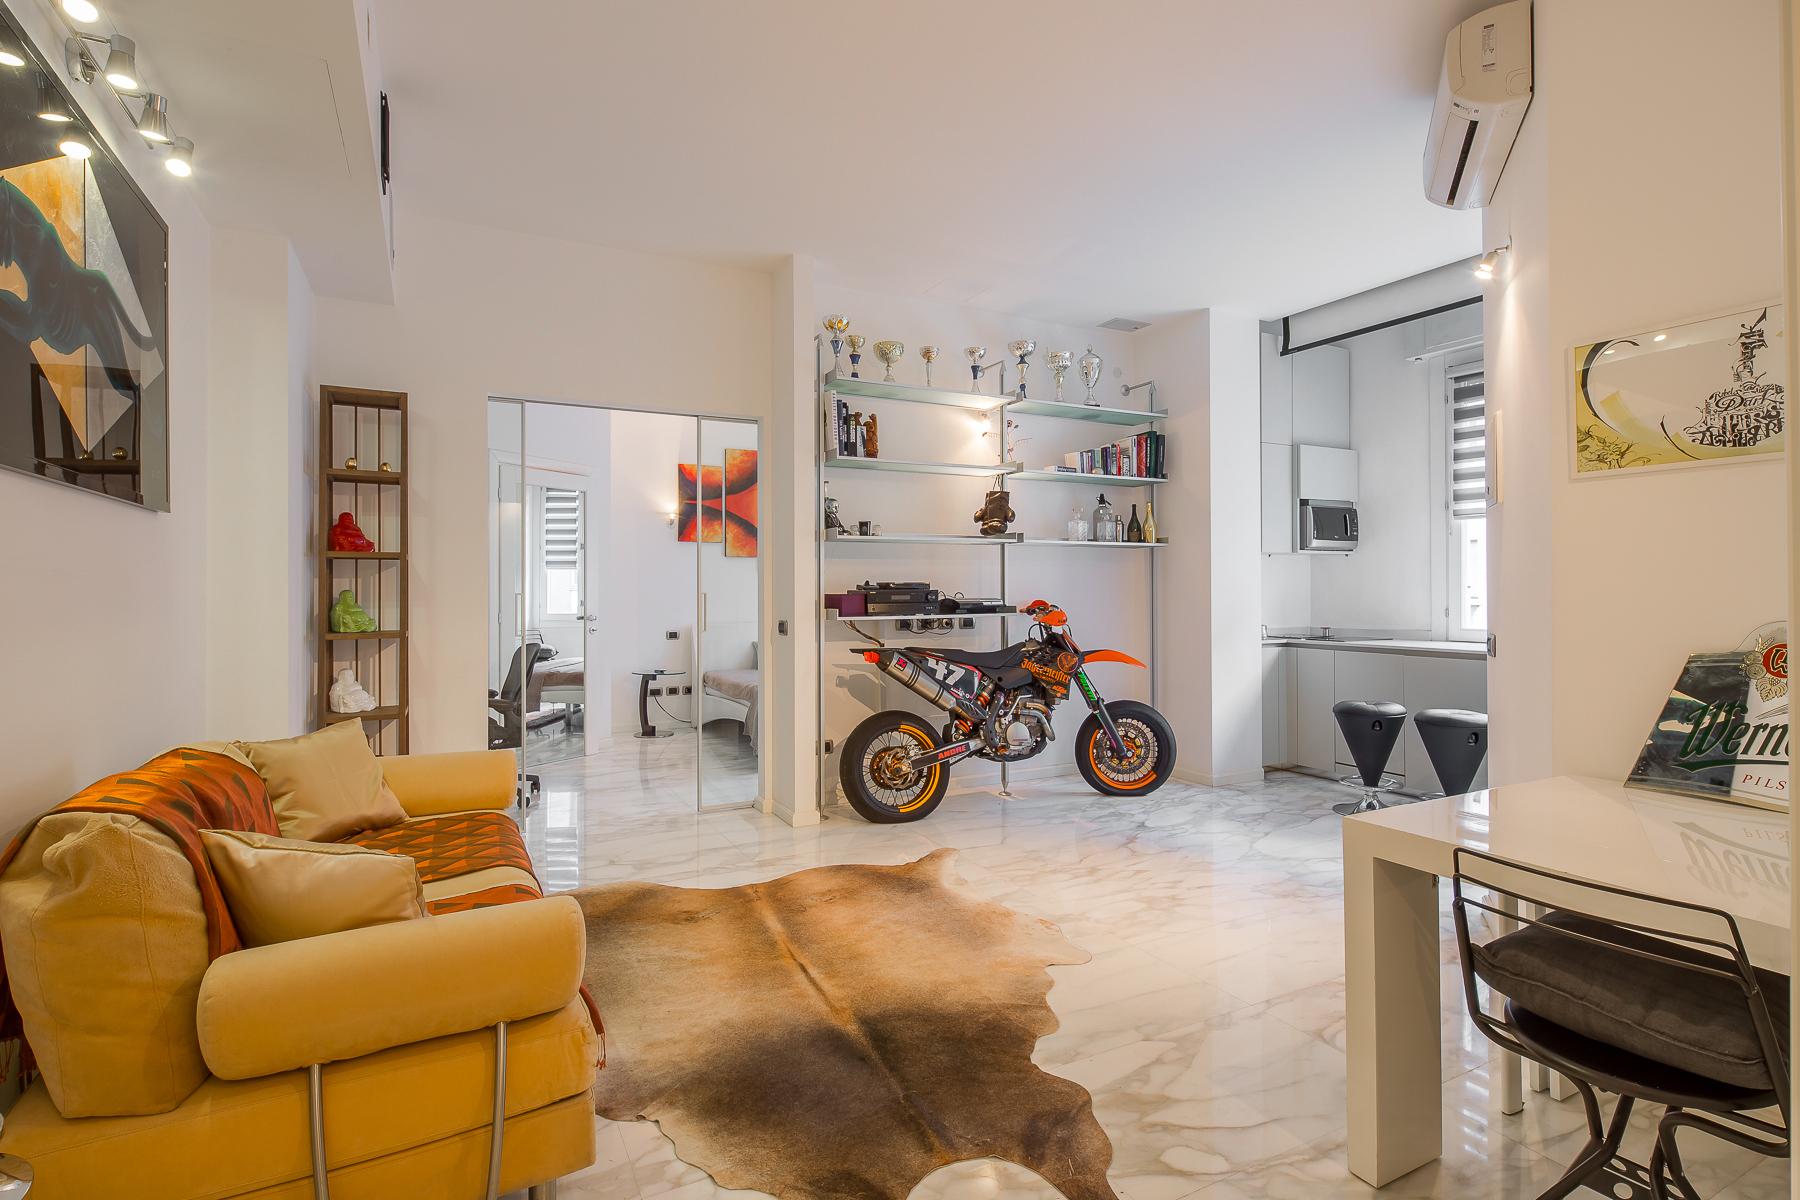 Appartamento in Vendita a Milano: 2 locali, 56 mq - Foto 1